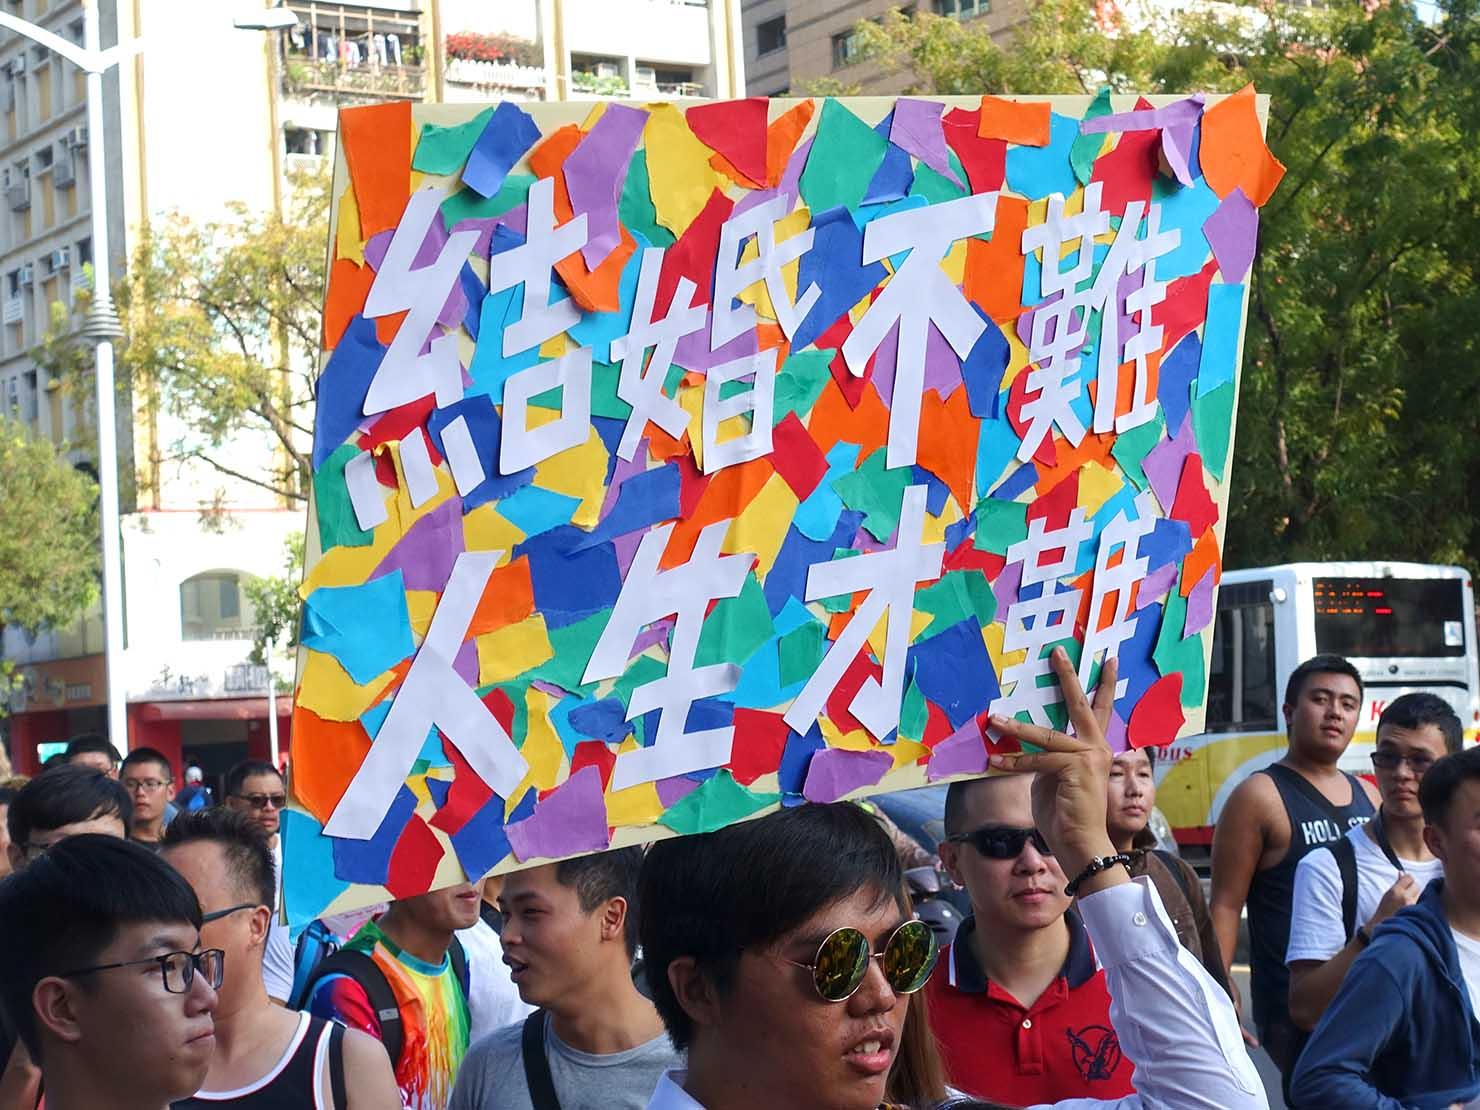 高雄同志大遊行(高雄レインボーパレード)2017でにじいろのプラカードを掲げる参加者